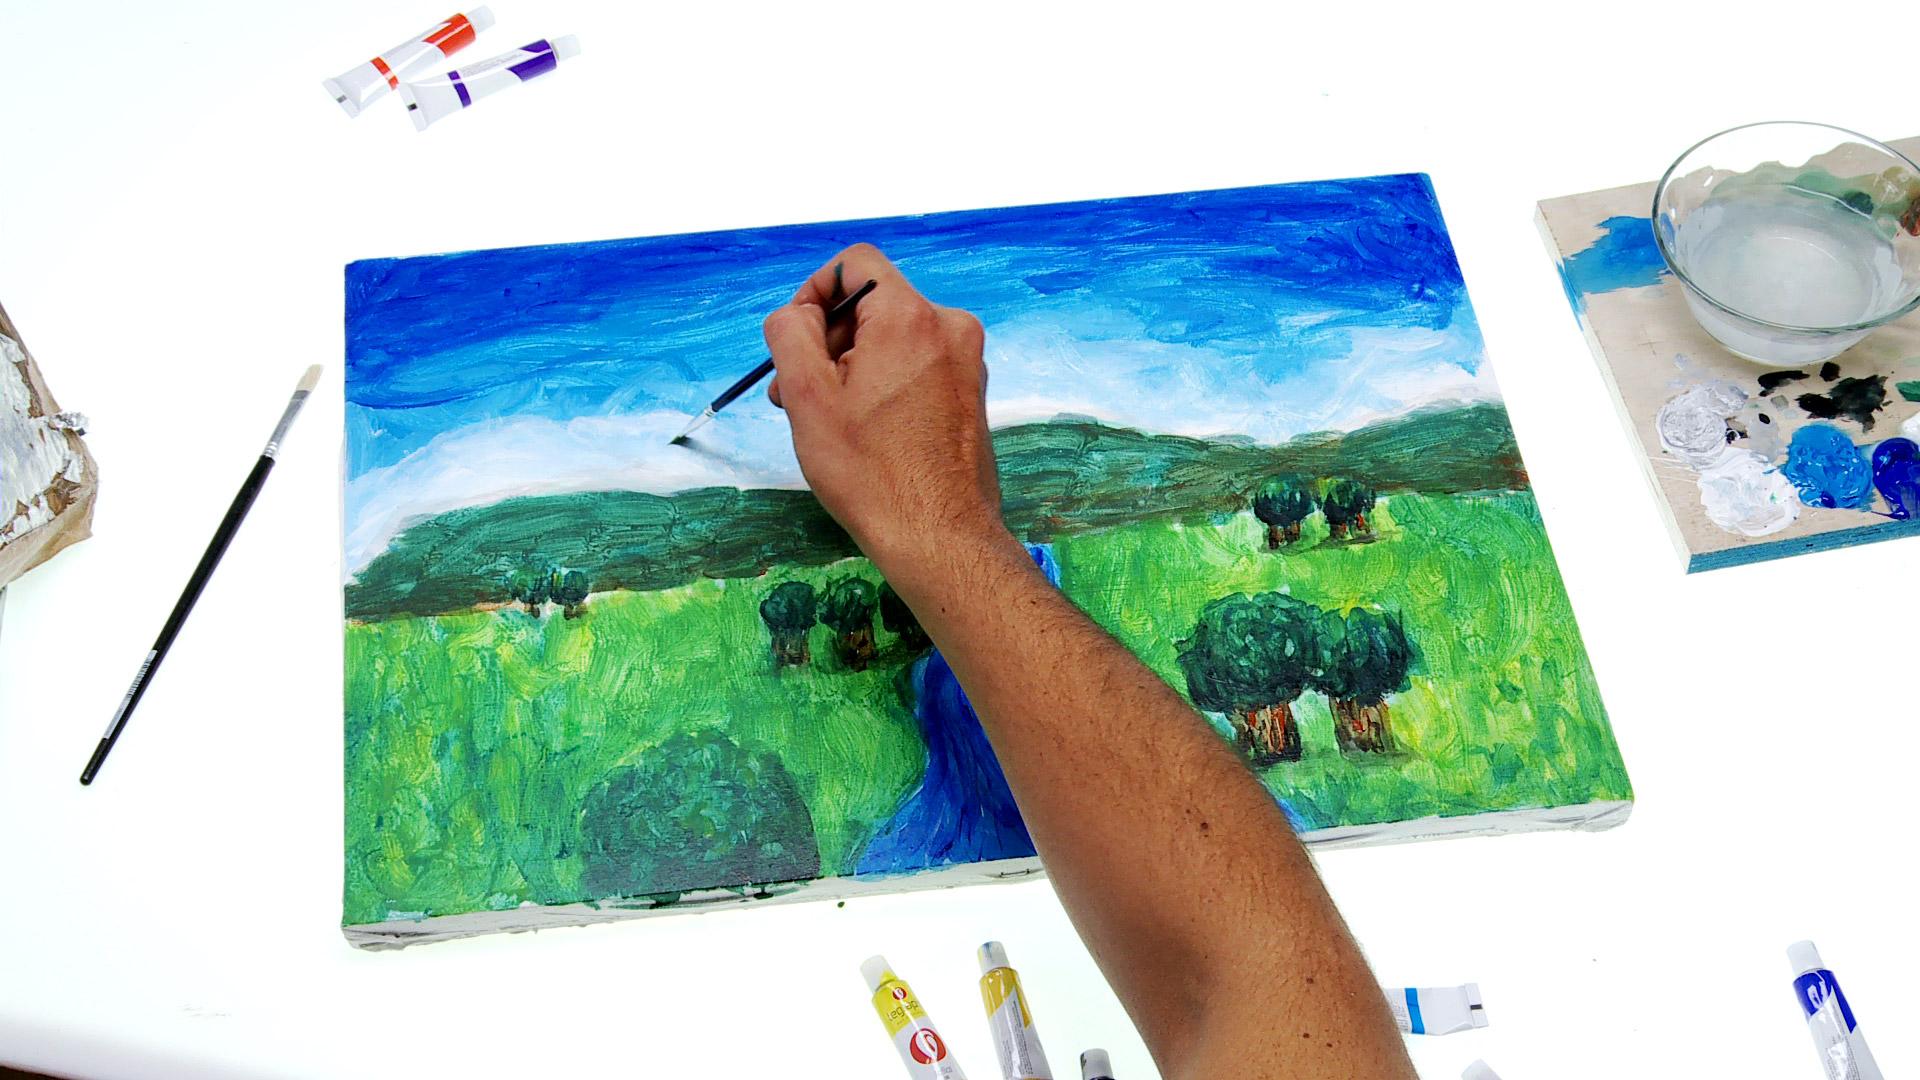 En este proyecto enseñaremos a hacer un cuadro desde el bastidor hasta la pintura final, se trata de enseñar ciertas técnicas para poder dibujar y pintar.